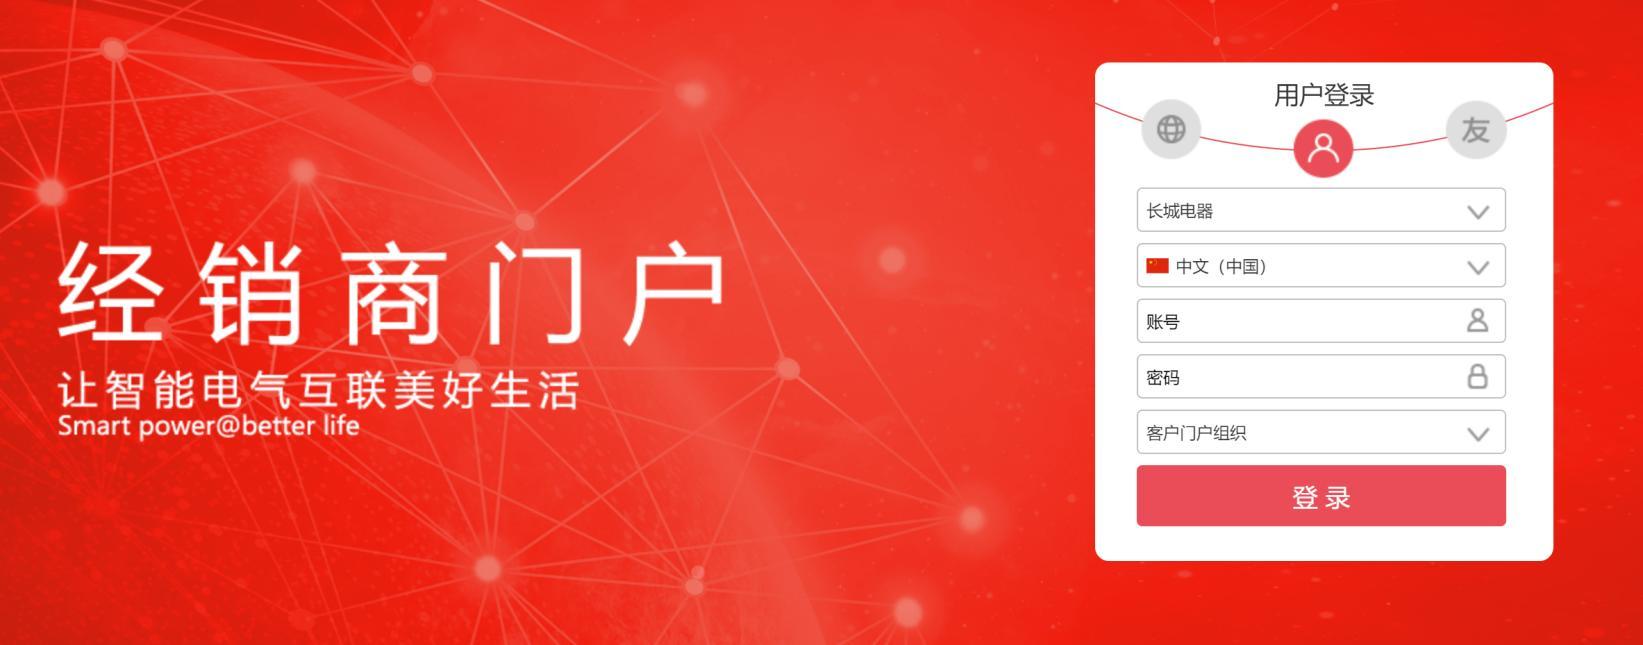 数字化 | 长城电器集团经销商门户正式上线